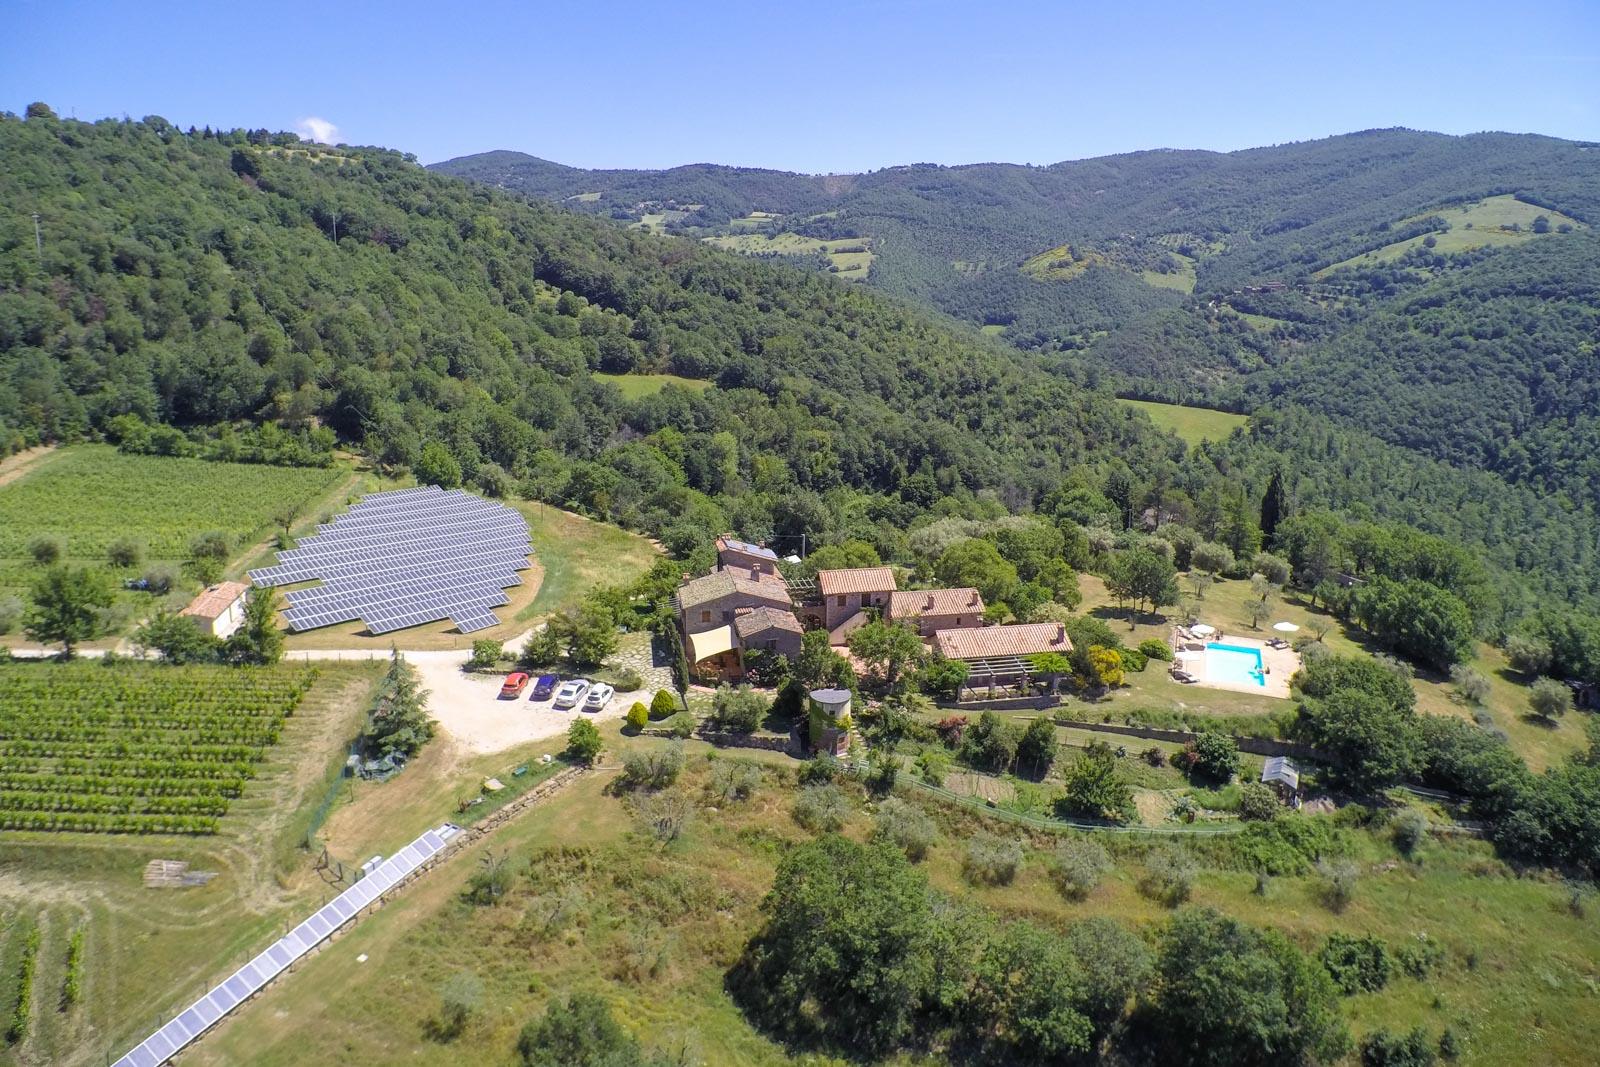 Landwirtschaftliches Bio-Anwesen geeignet als Agriturismo nahe dem Lago Trasimeno